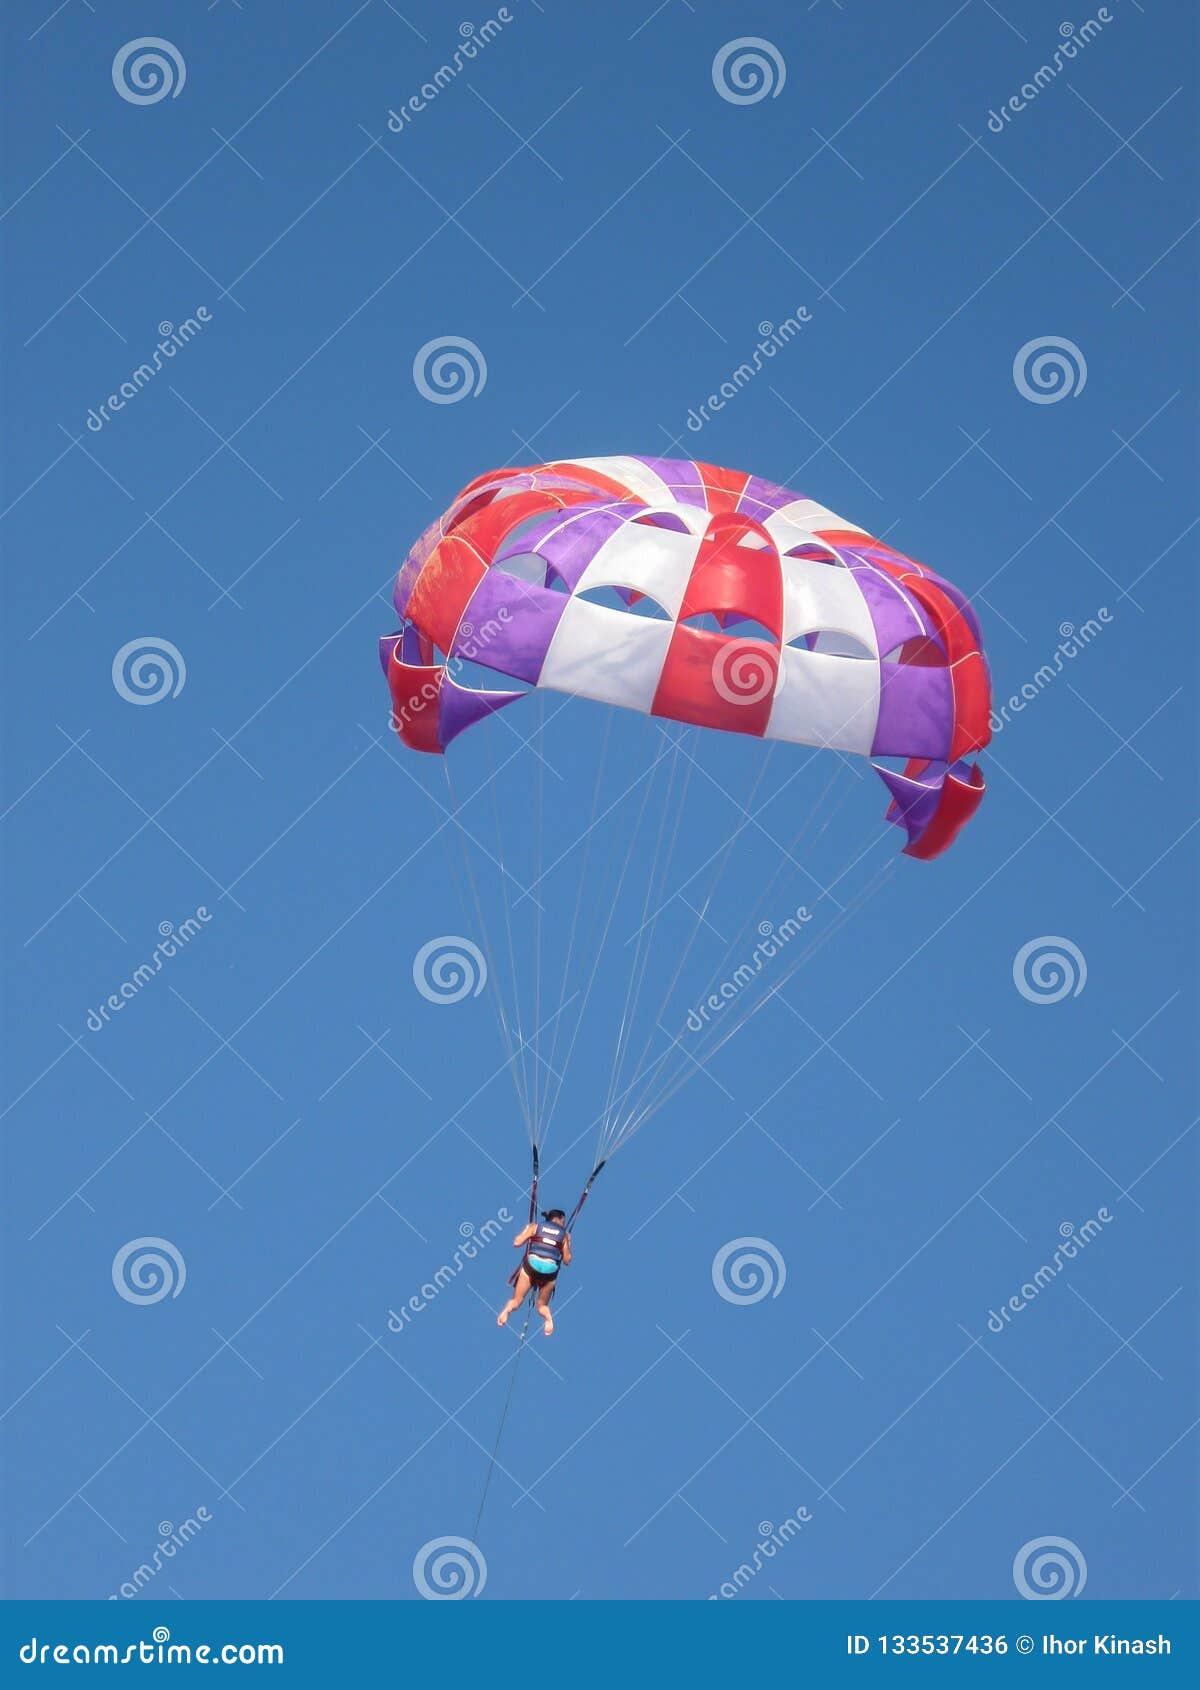 Parachute ascensionnel dans le ciel comme genre de divertissement